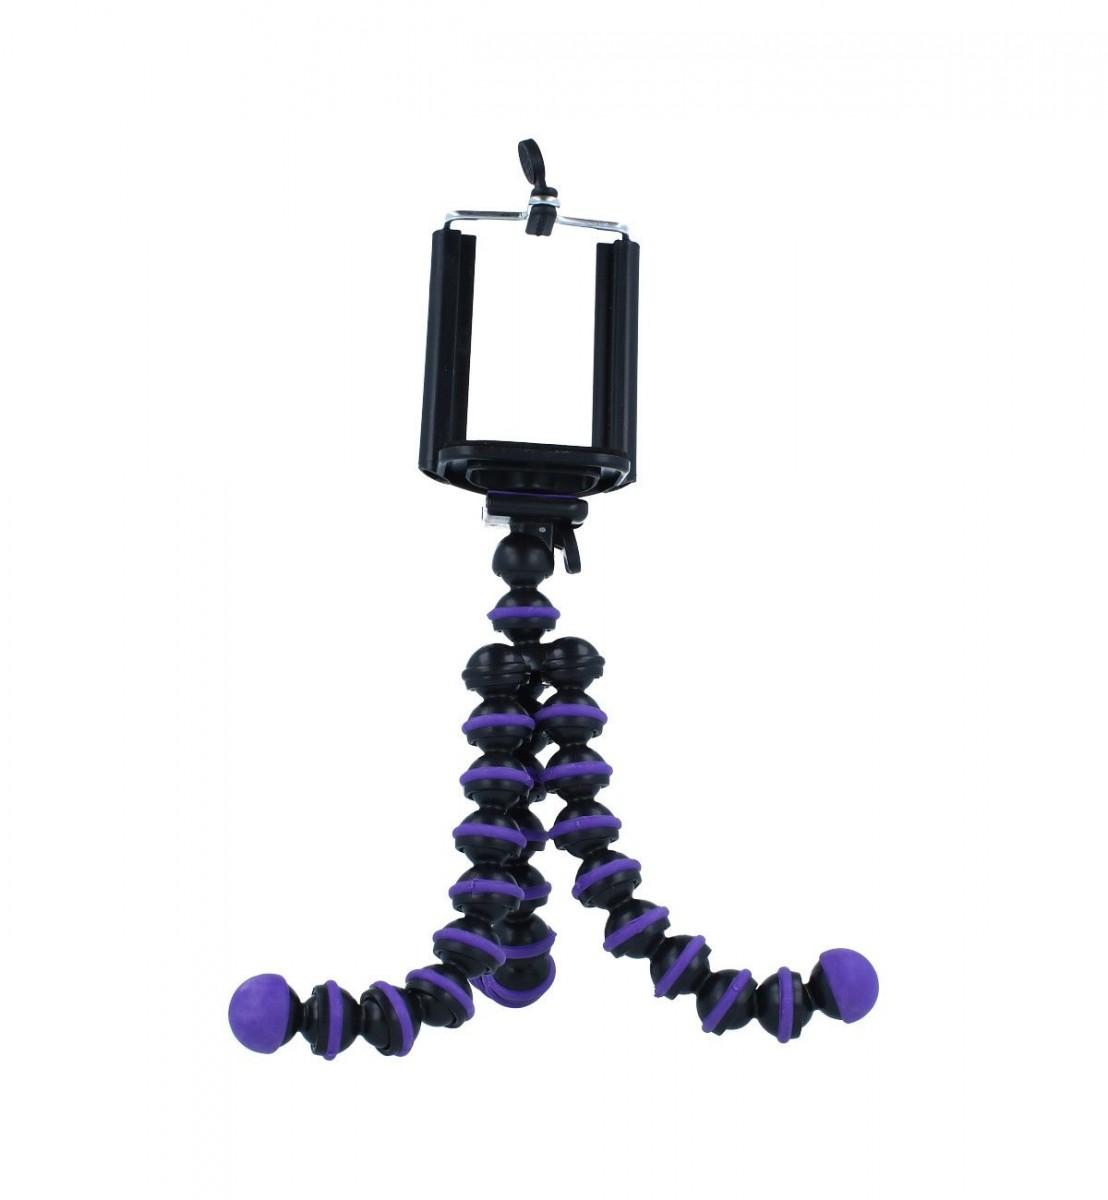 Stativ pro mobilní telefon TopQ Ball fialový 55335